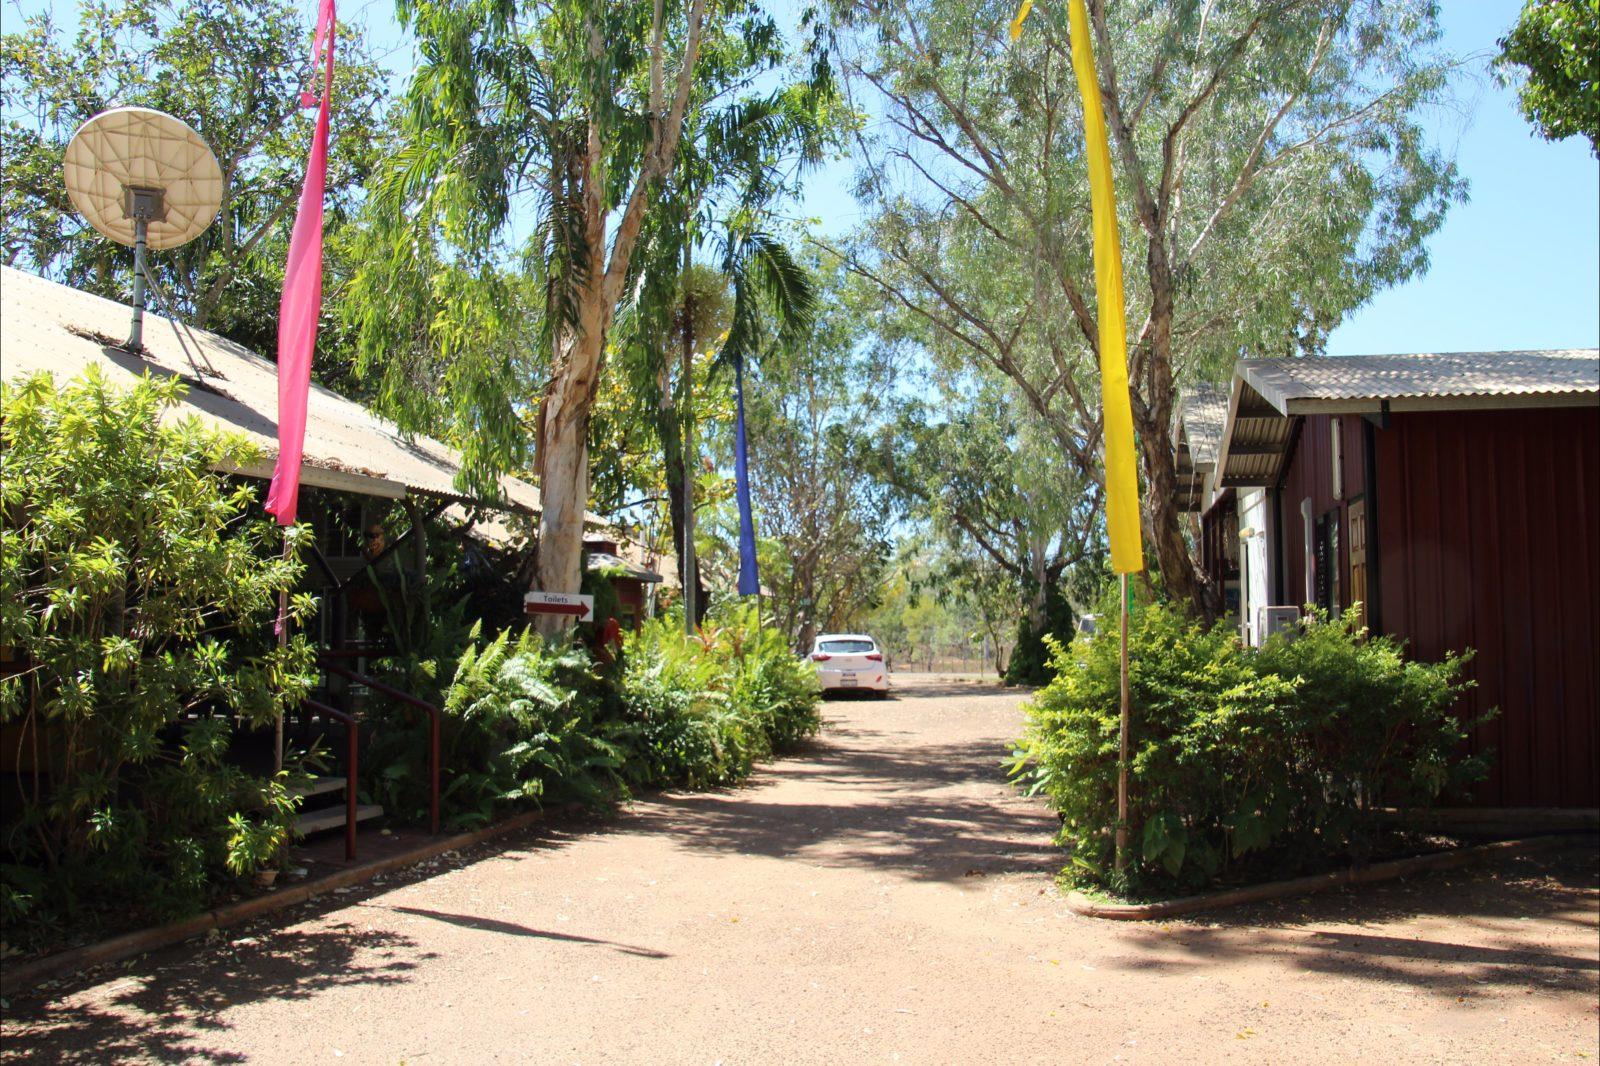 Entrance to Savannah Way Office